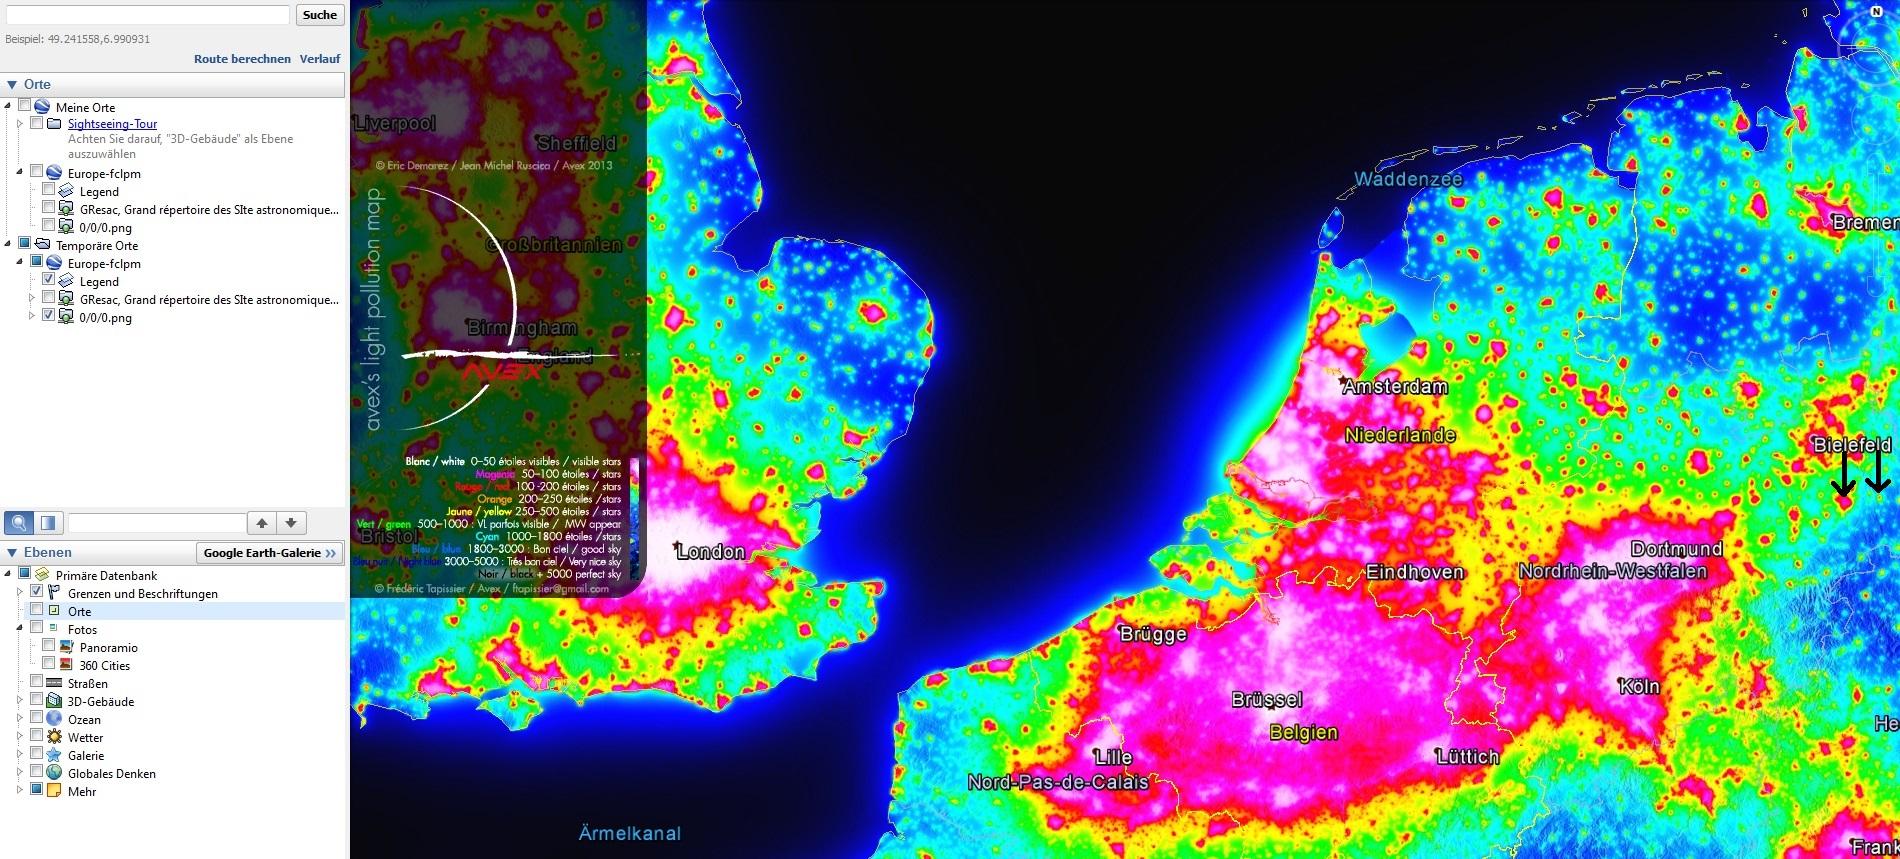 Lichtverschmutzung Karte 2019.Lichtverschmutzung Mit Google Earth Wetter Observer De